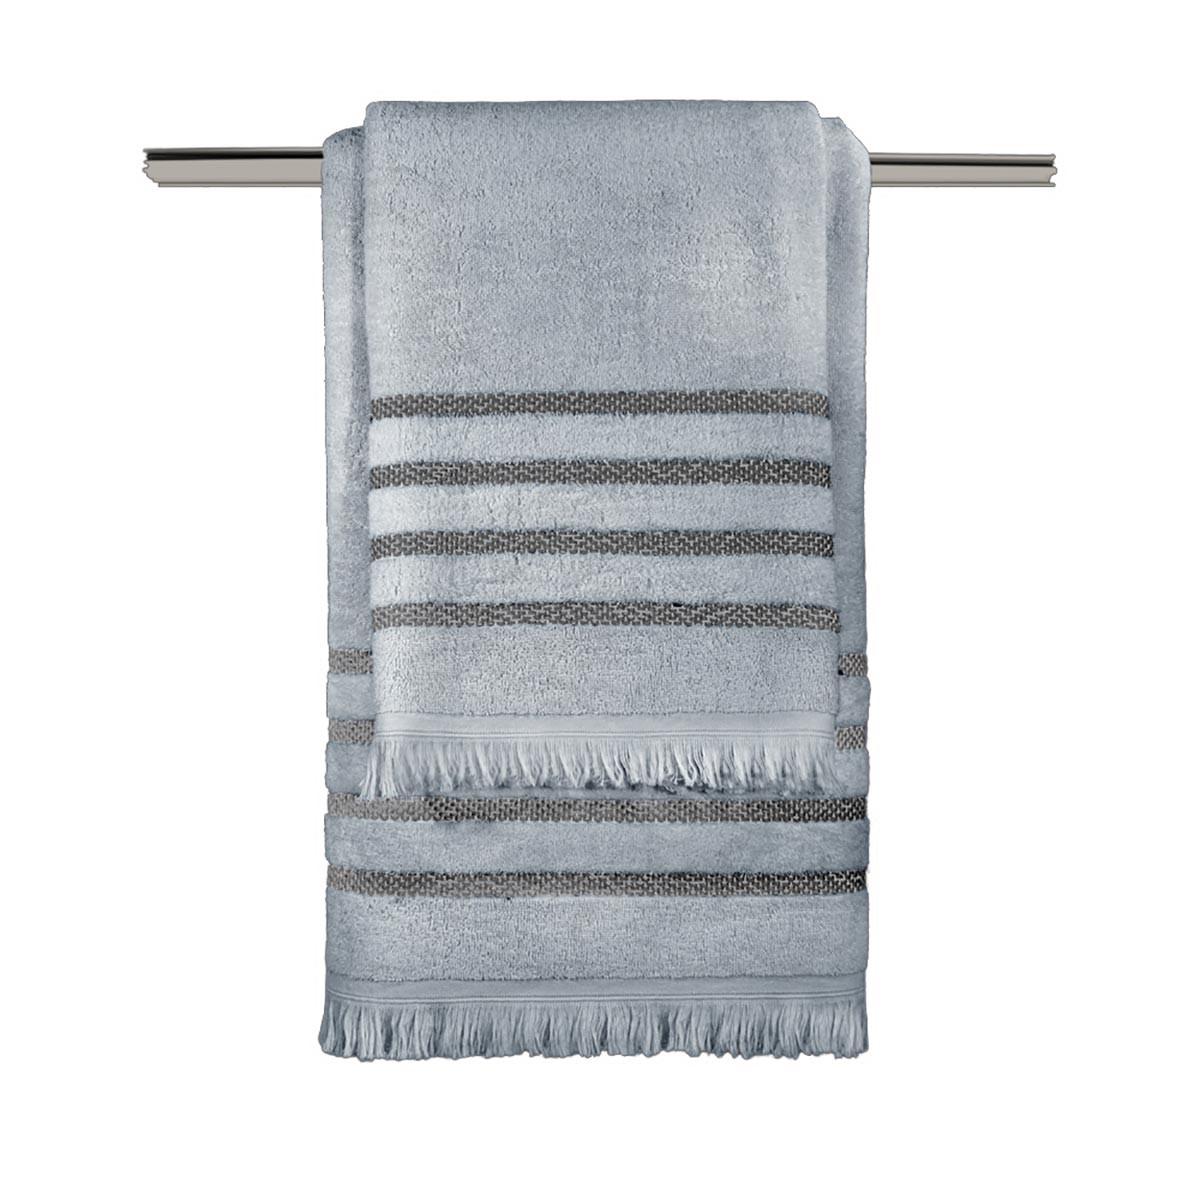 Πετσέτες Μπάνιου (Σετ 3τμχ) Guy Laroche Fabiana Cielo